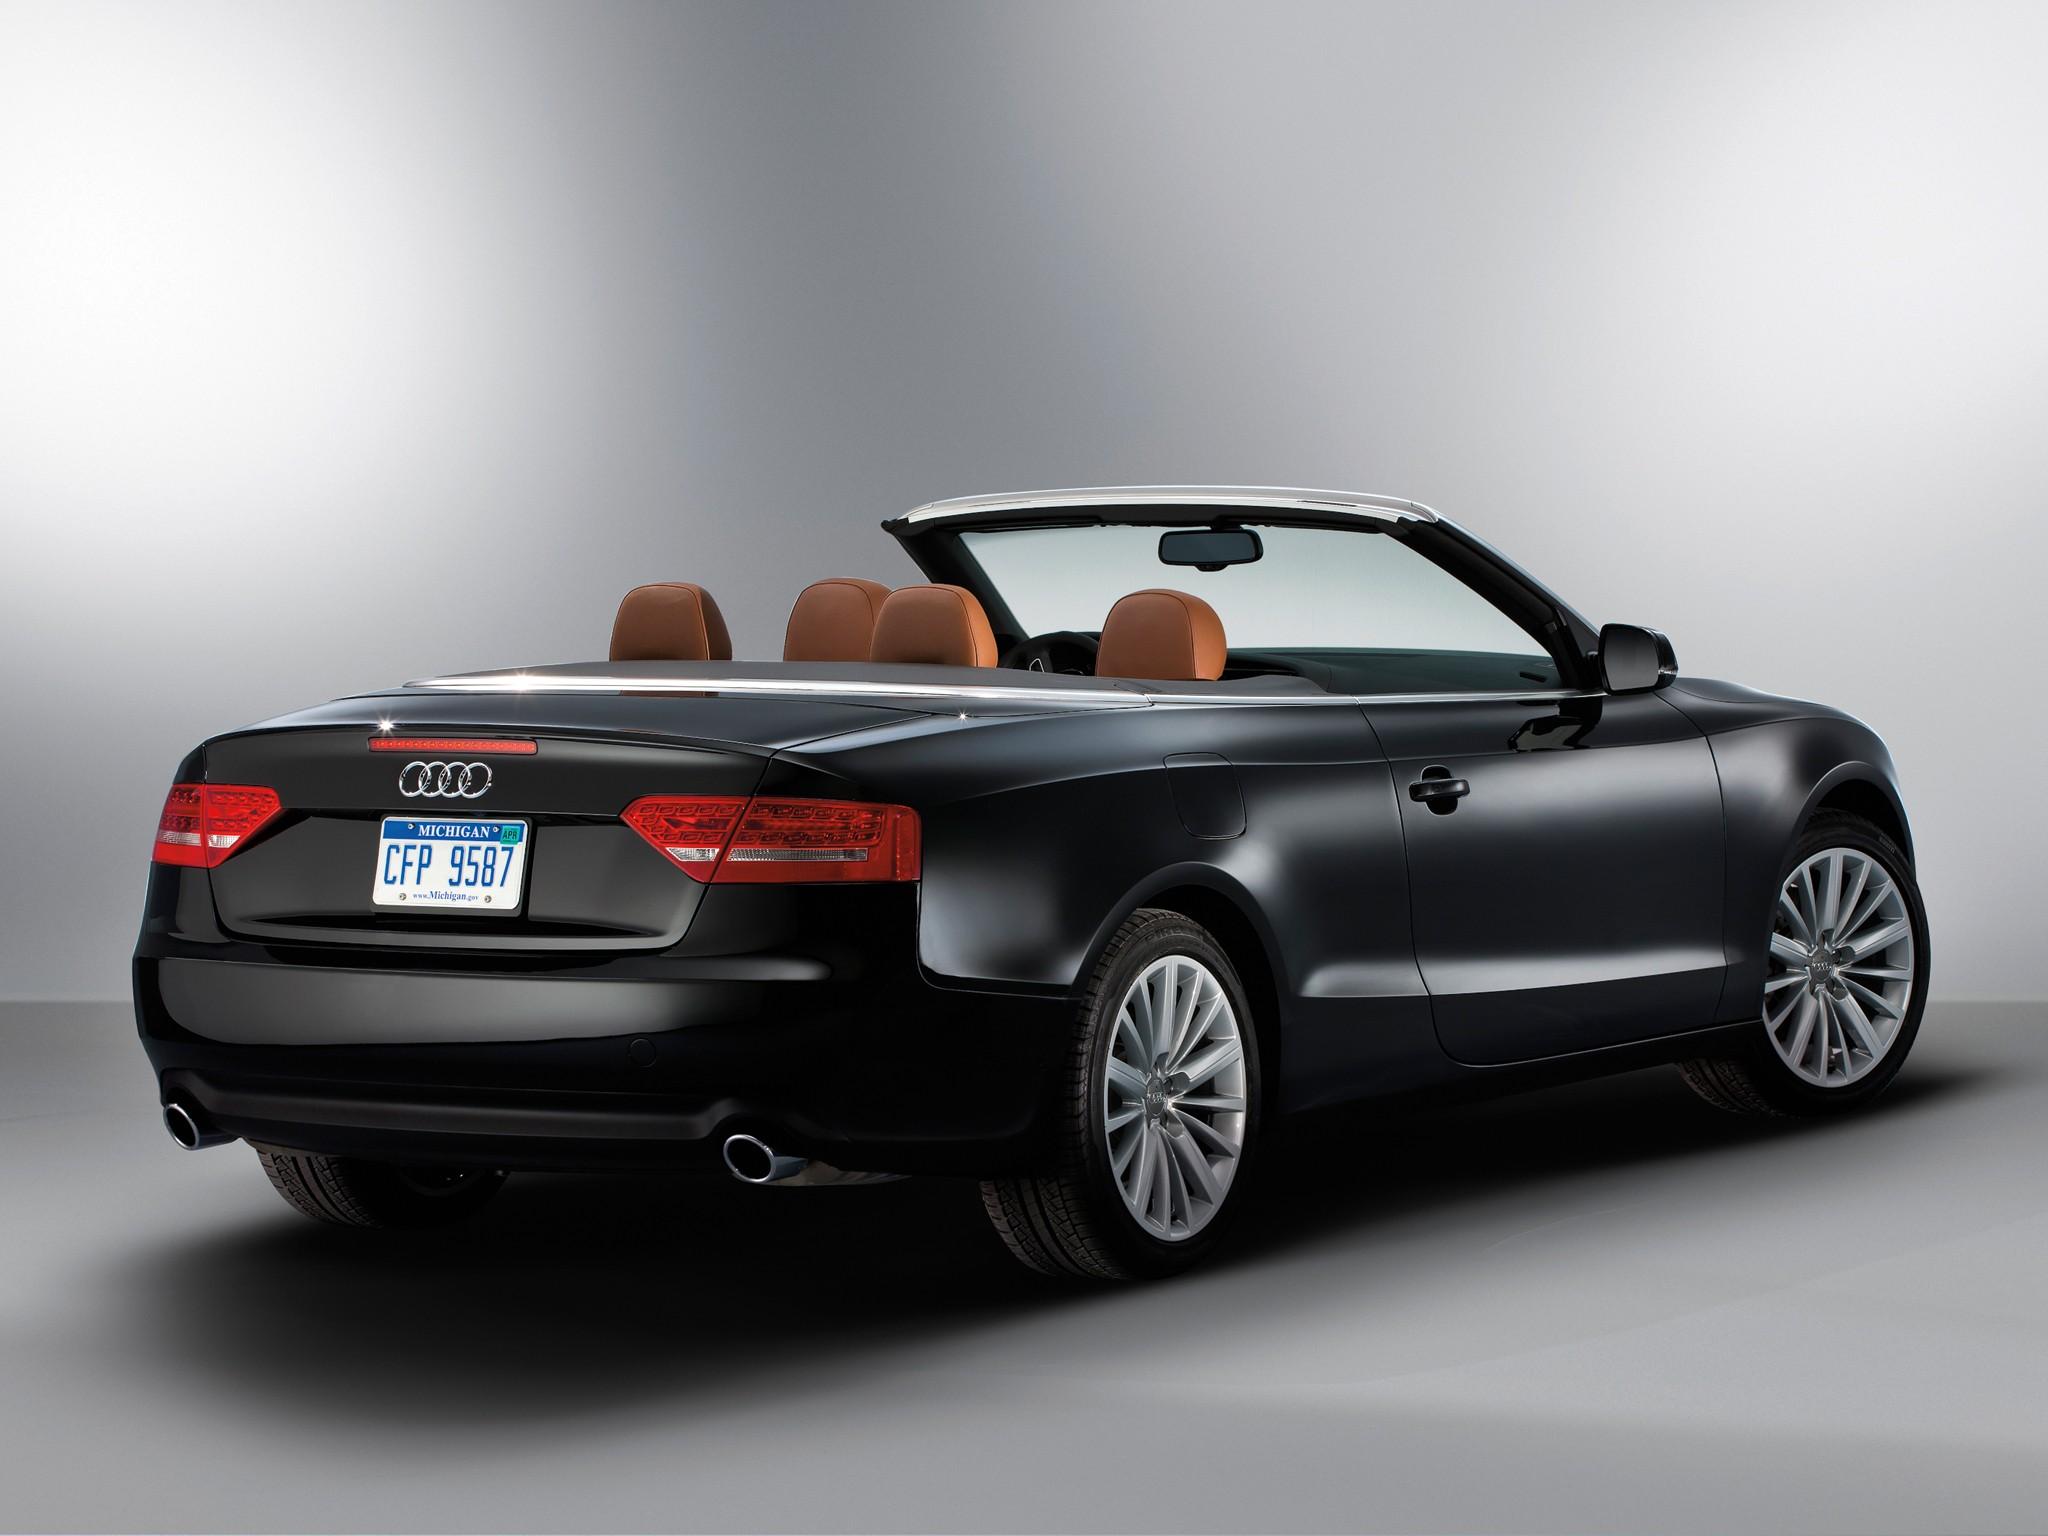 audi a5 cabriolet specs 2009 2010 2011 2012. Black Bedroom Furniture Sets. Home Design Ideas